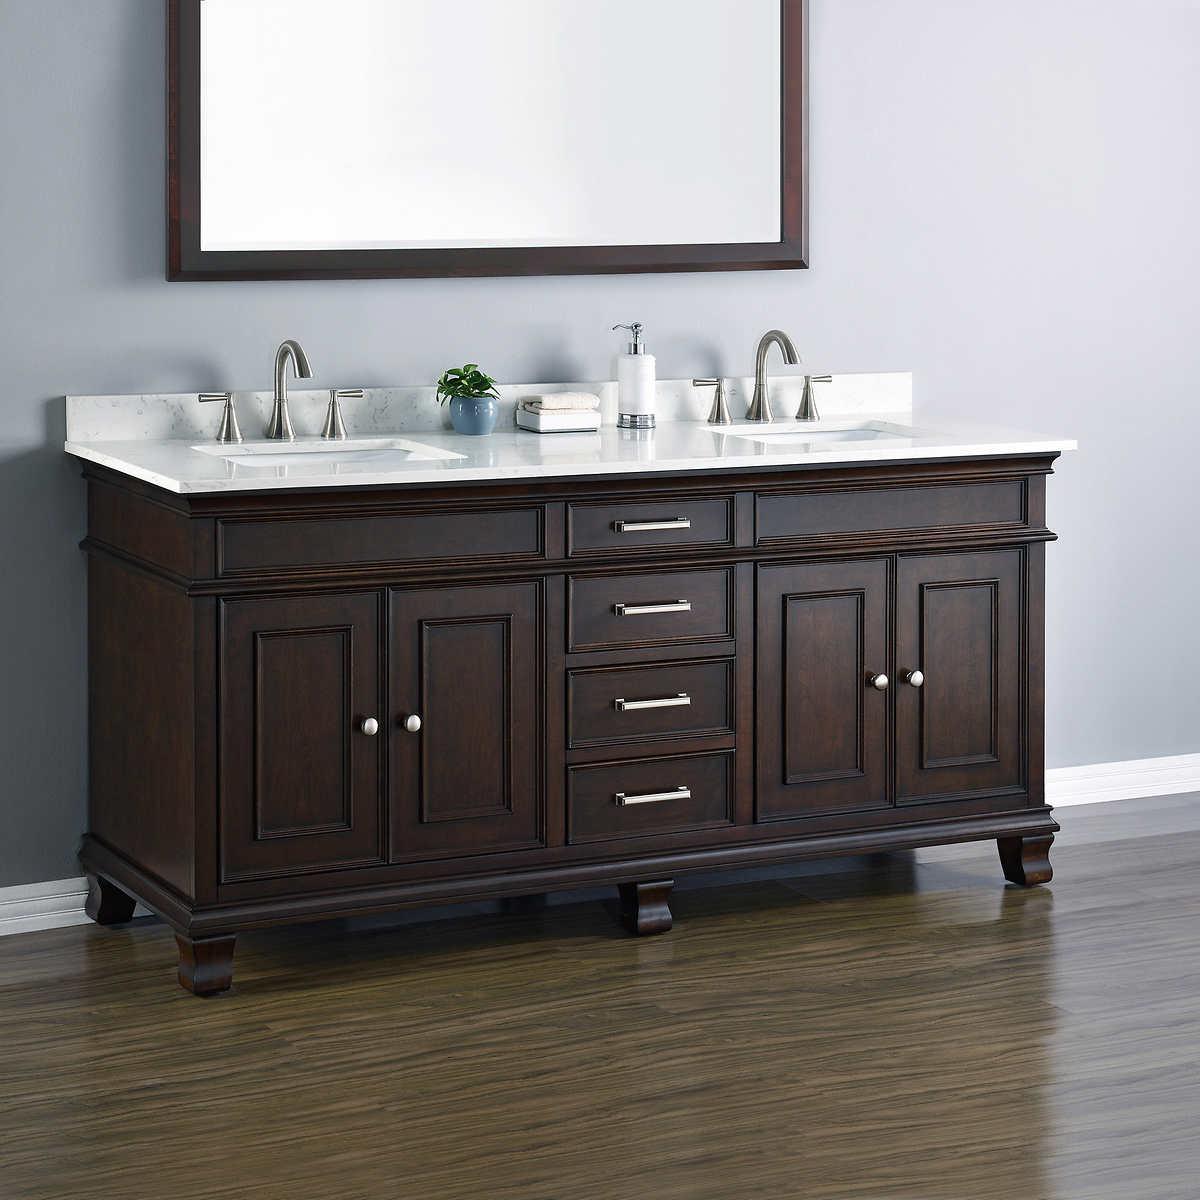 Bathroom Cabinets Costco 72 in. vanities | costco